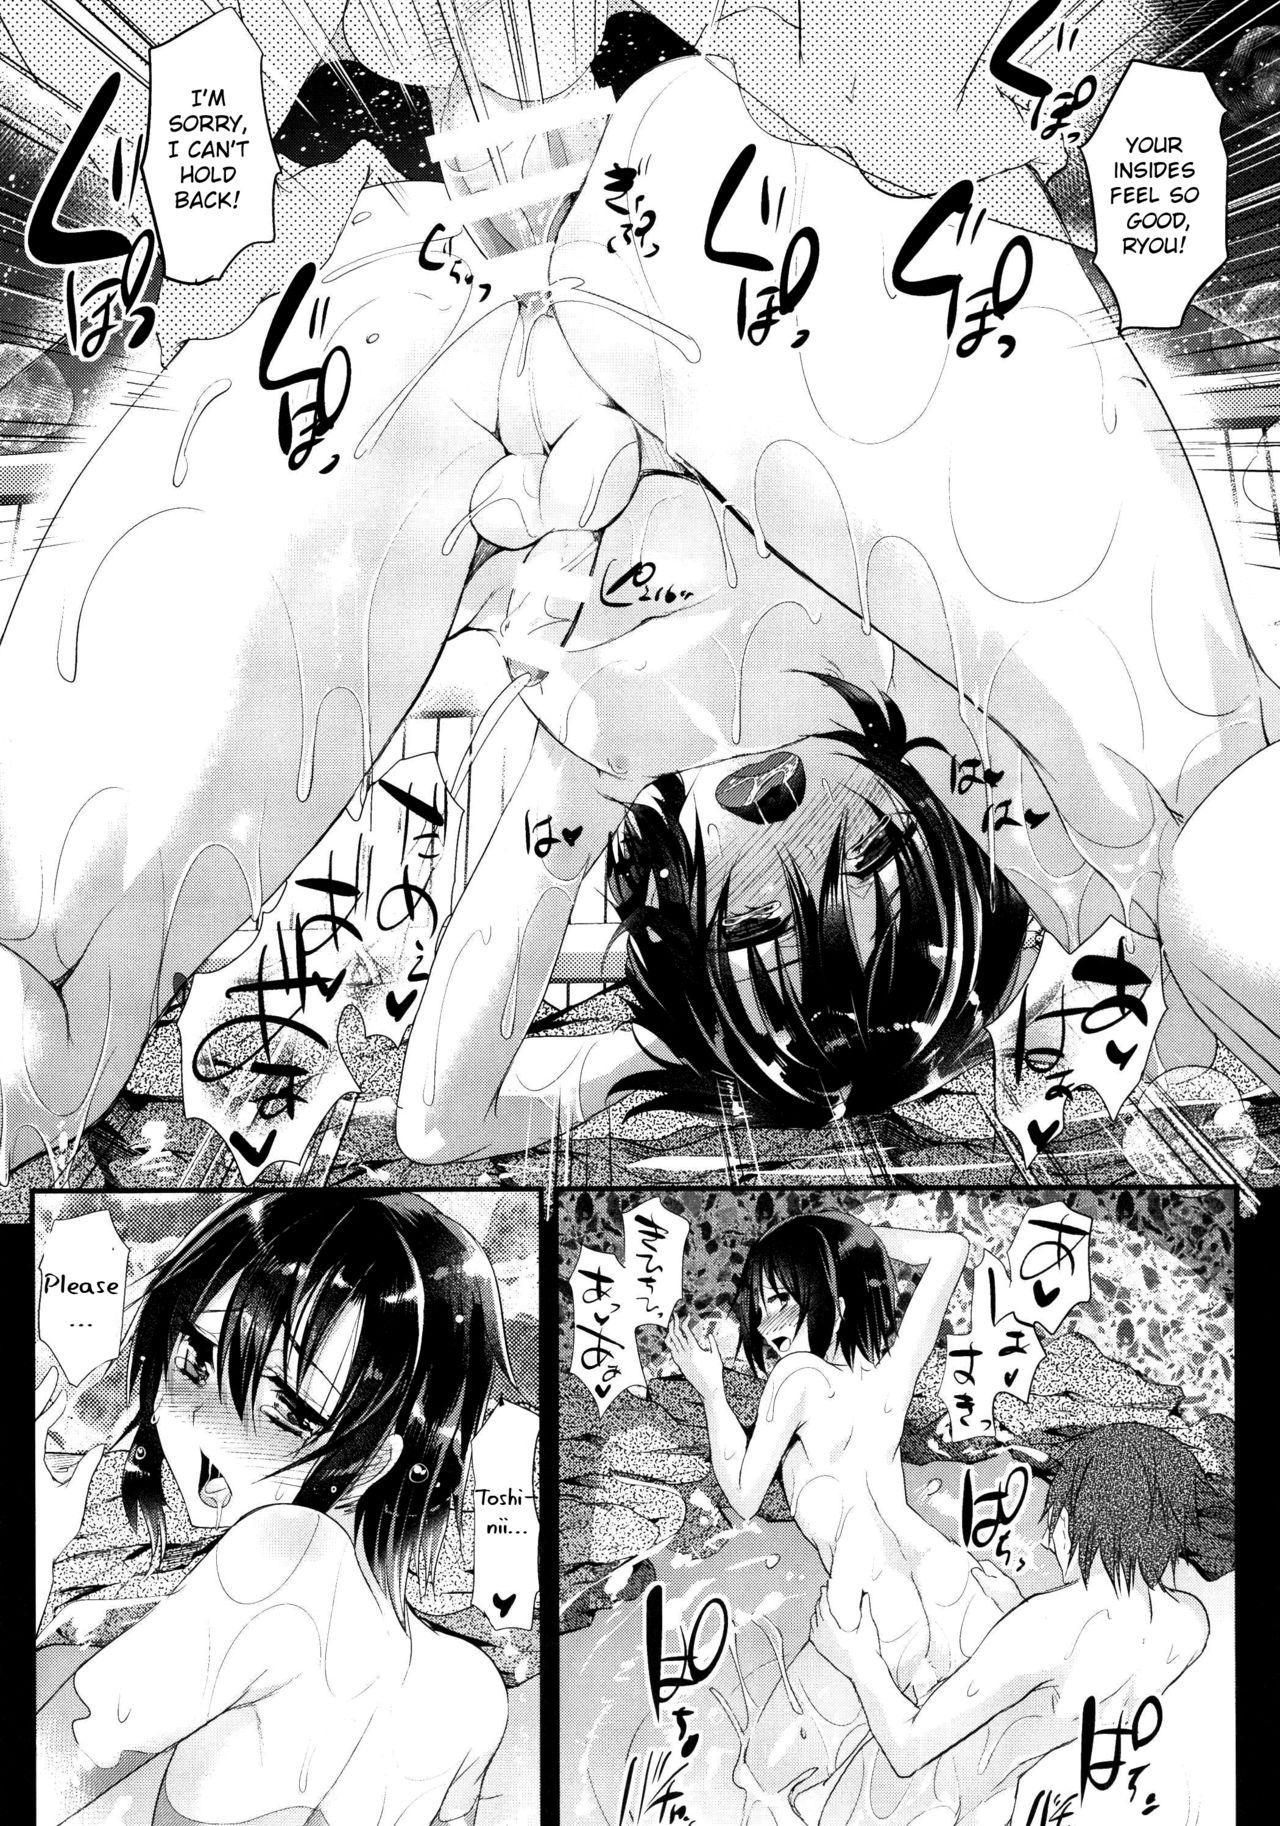 Kyou wa Onsen Sex o Shimashita 23